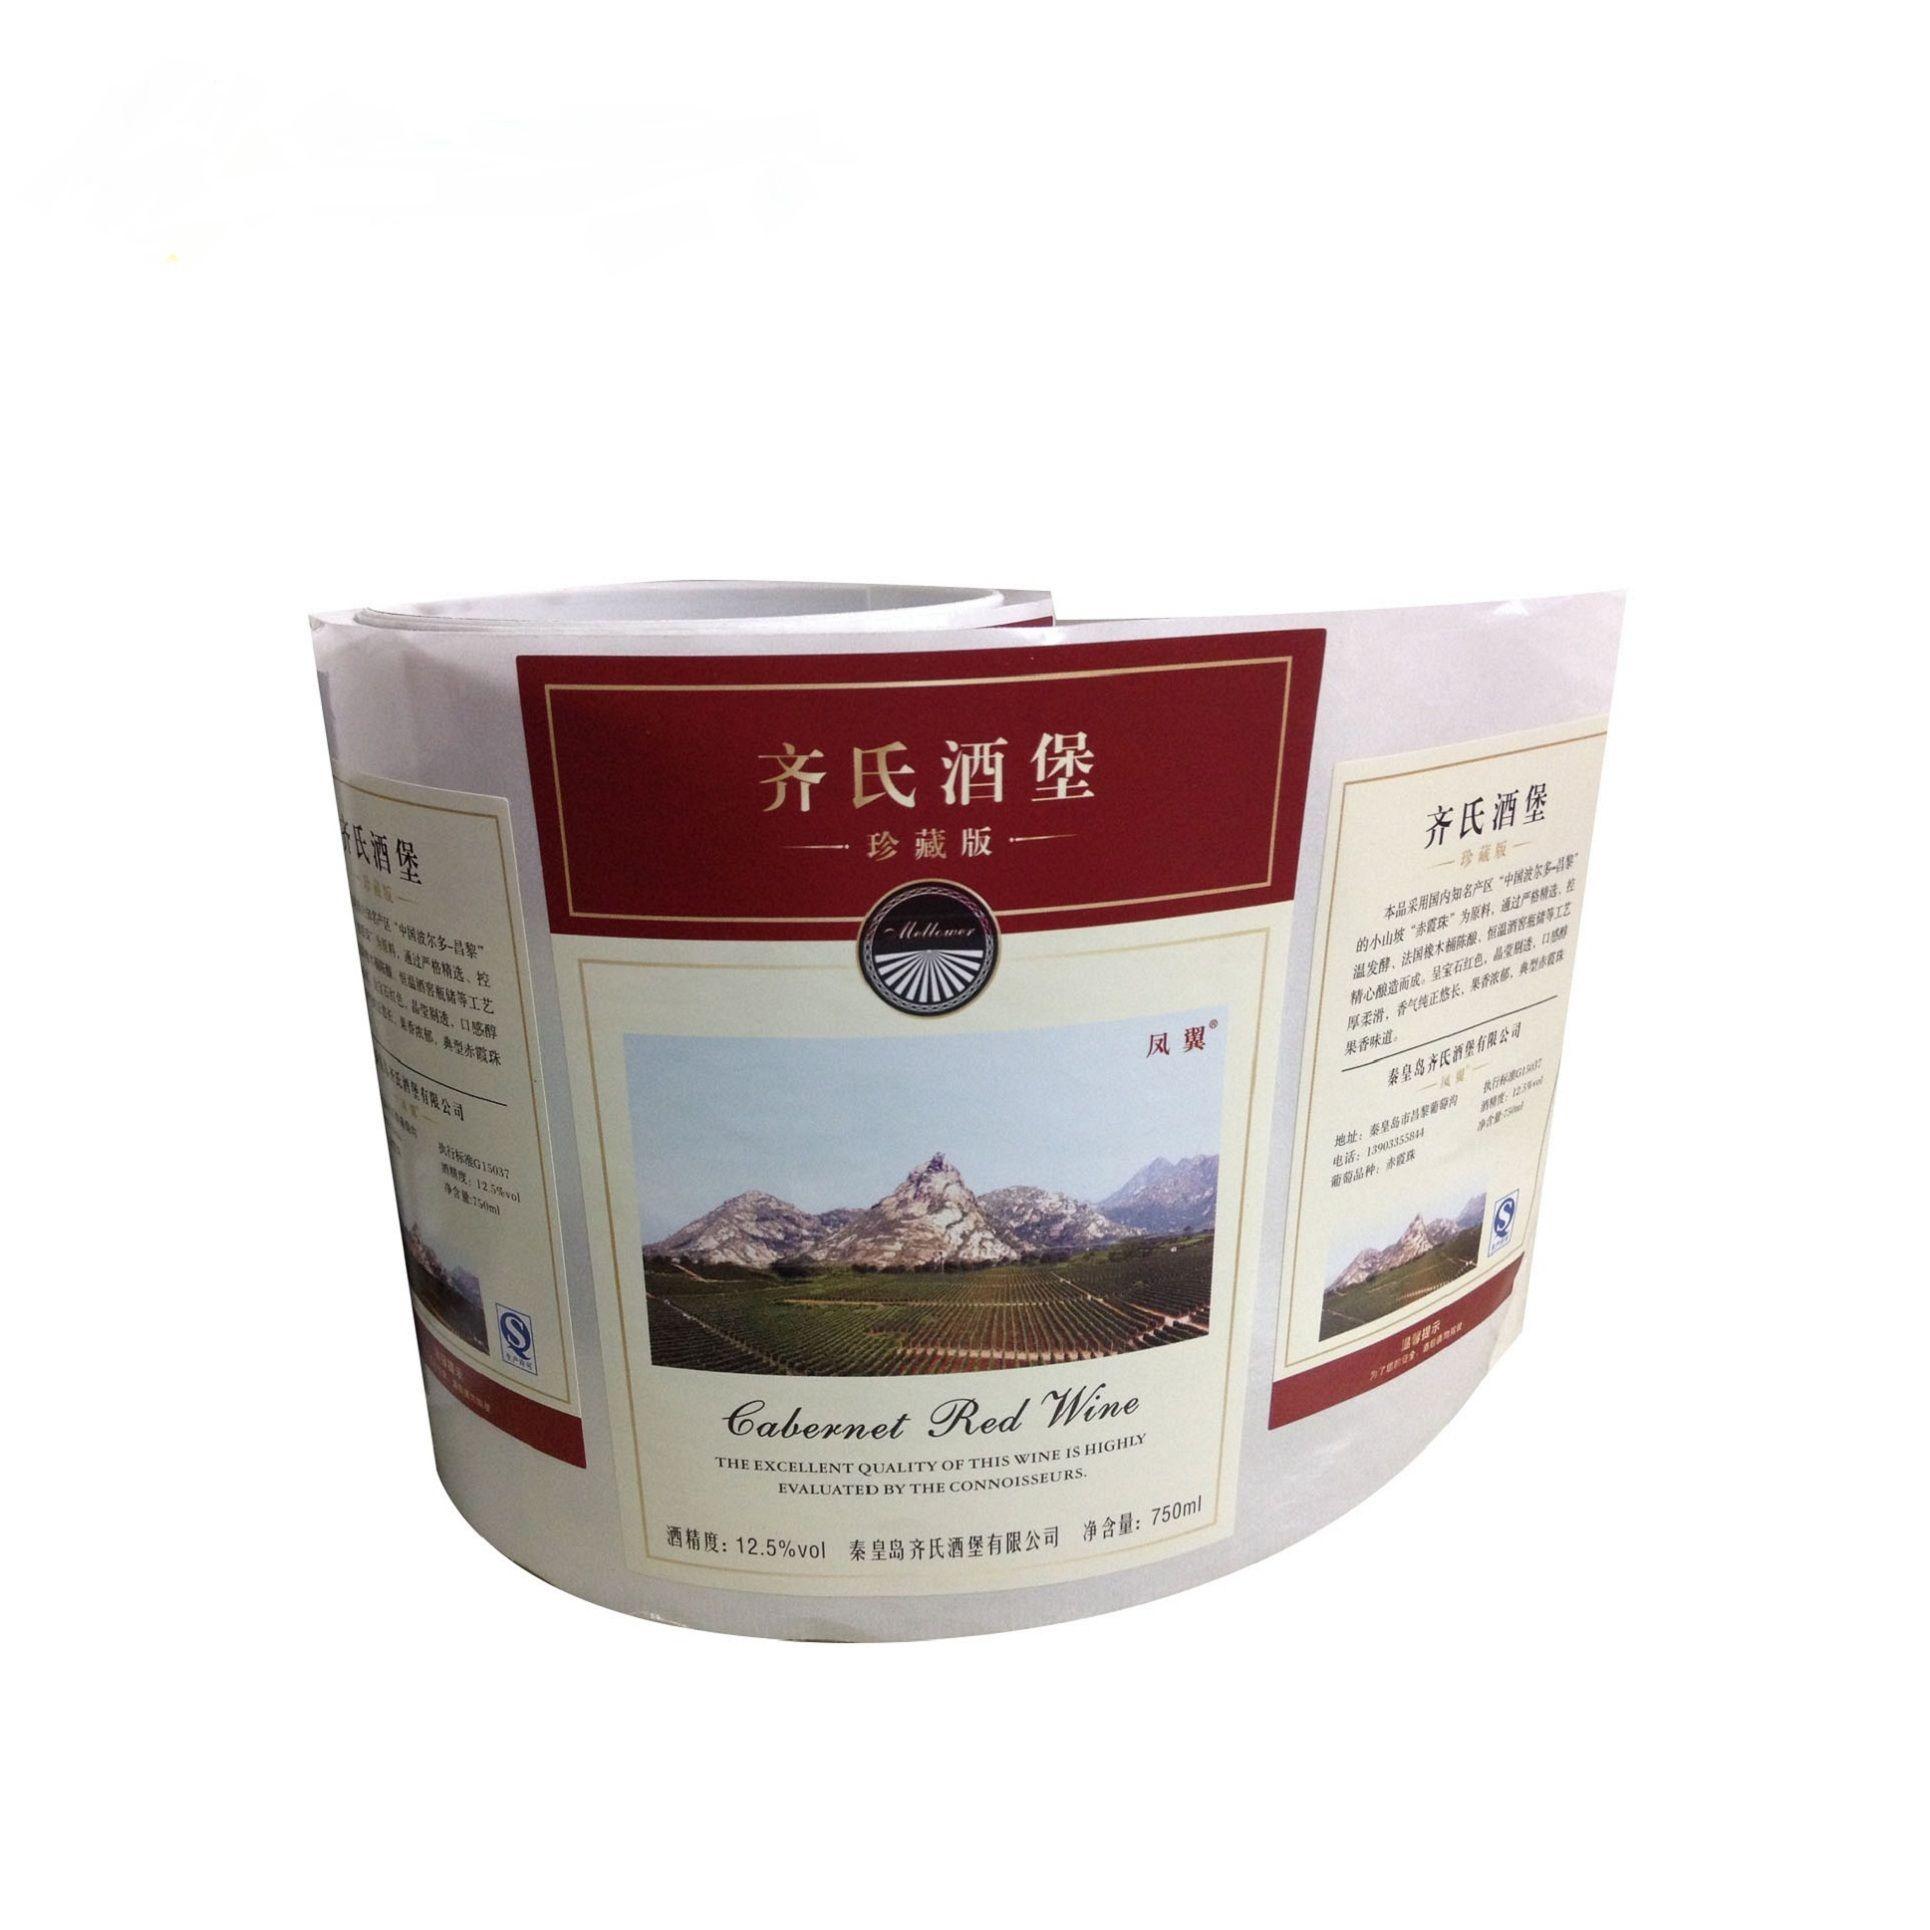 판매 플라스틱 스티커 컬러 인쇄 접착제 레이블, 사용자 정의 접착 병 포장 비닐 레이블